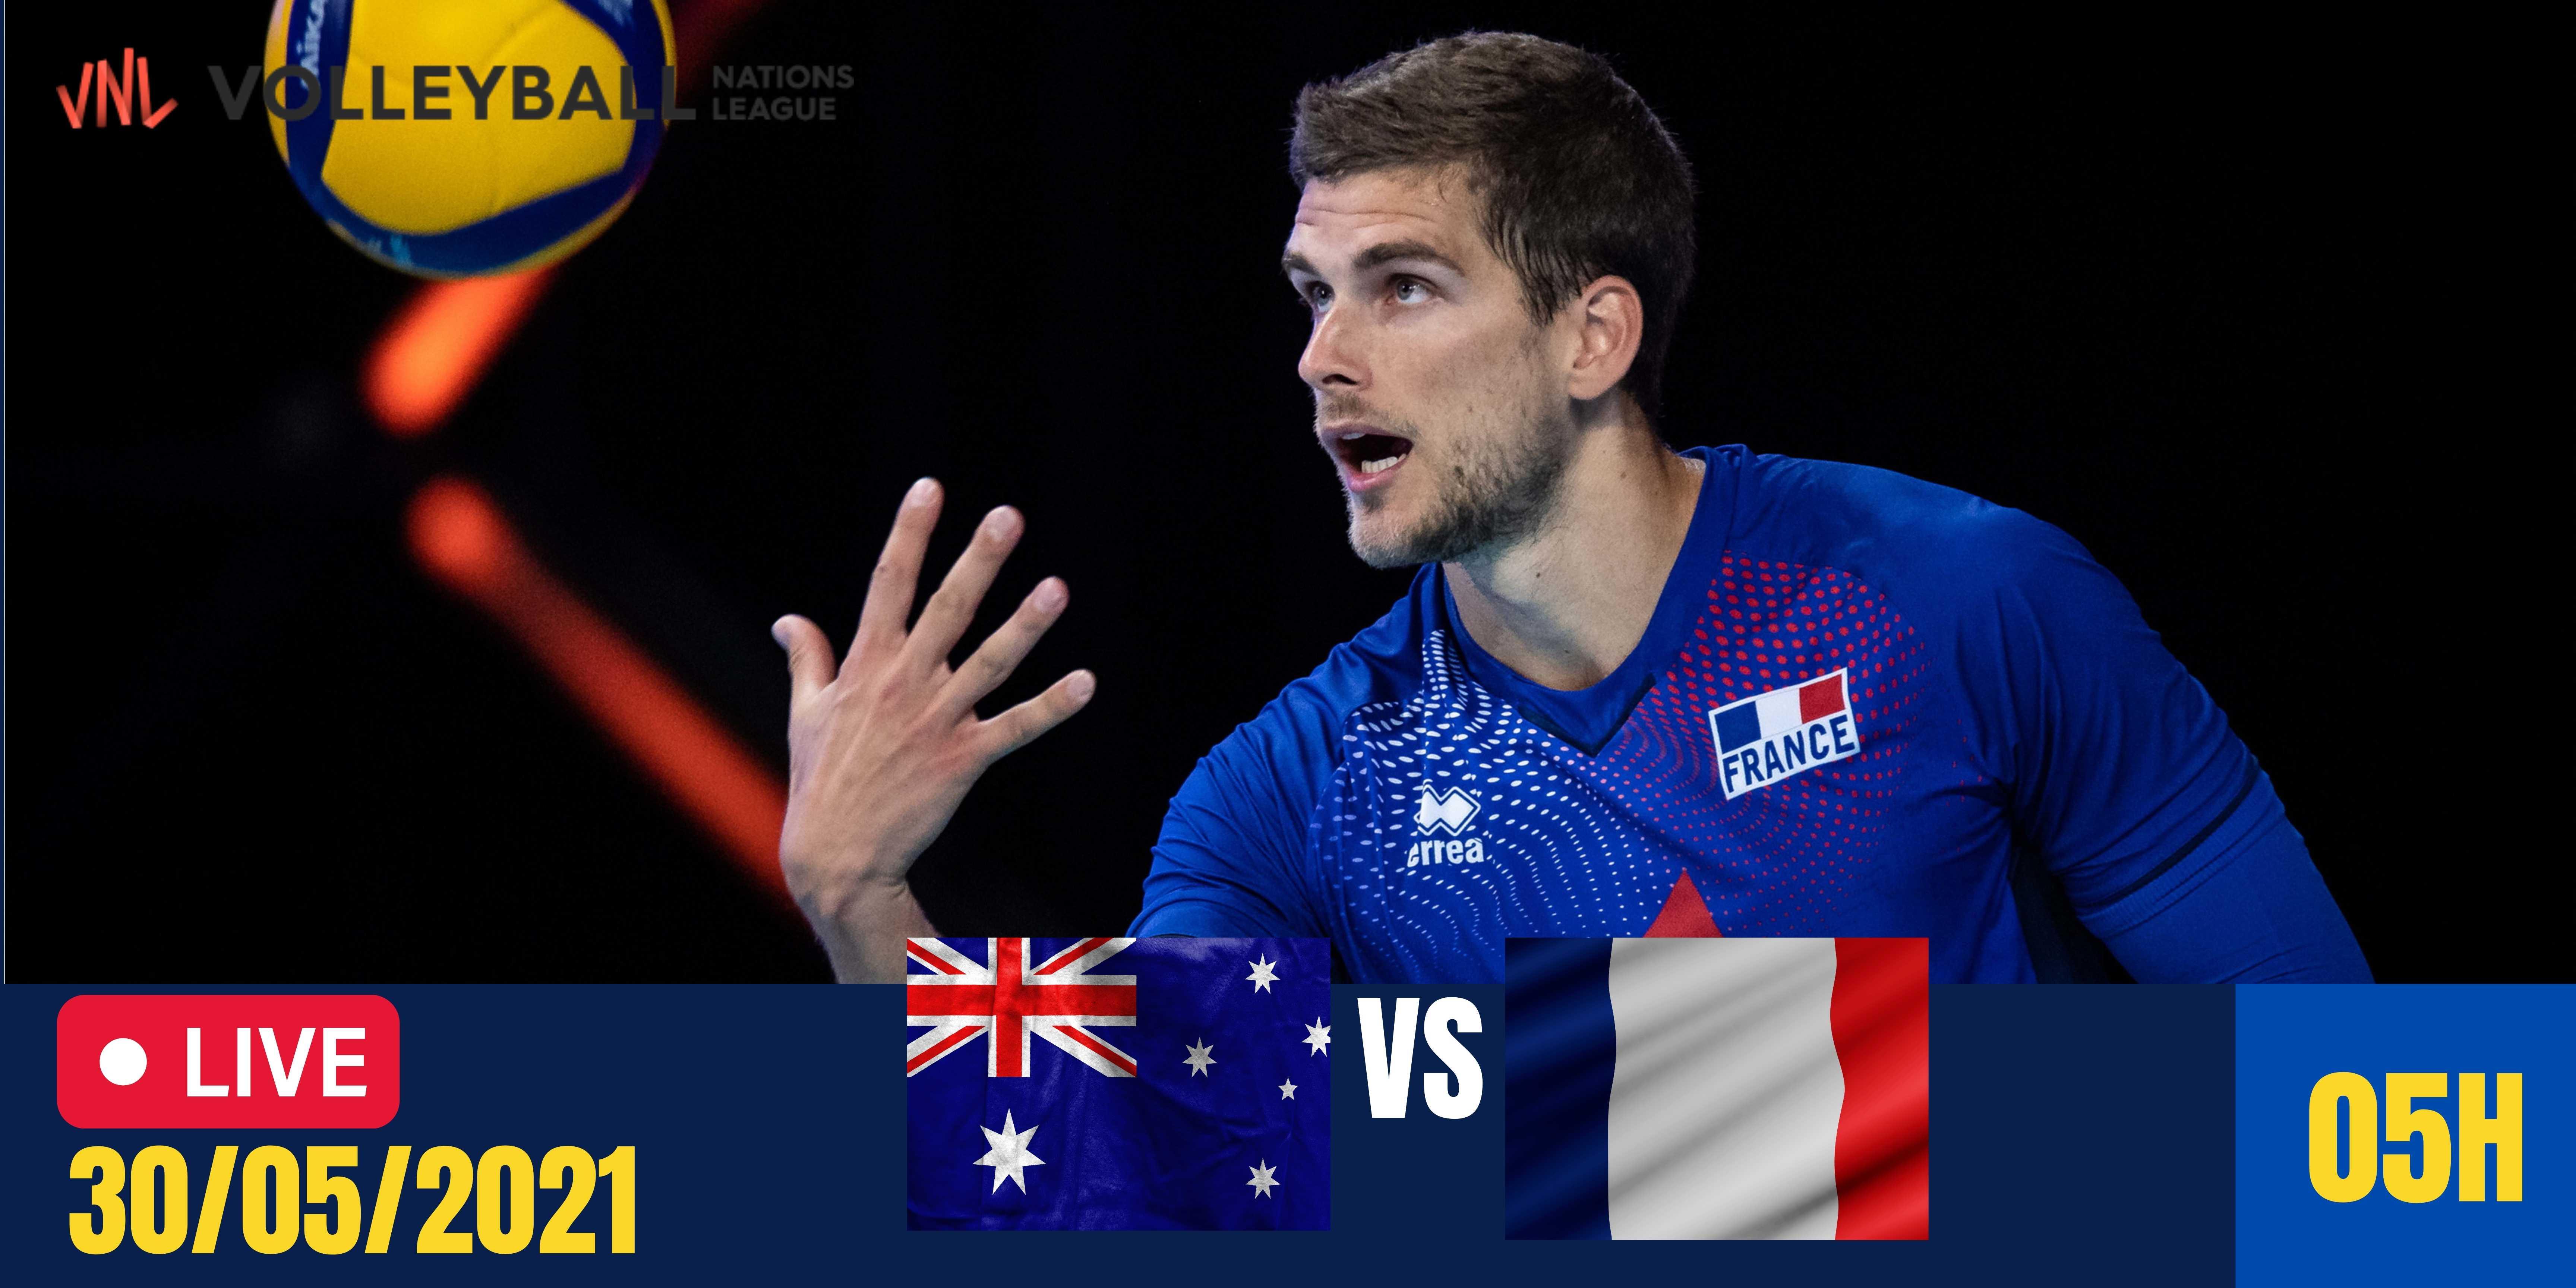 Resultado: Austrália vs França – Liga das Nações Masculina – 30/05/2021